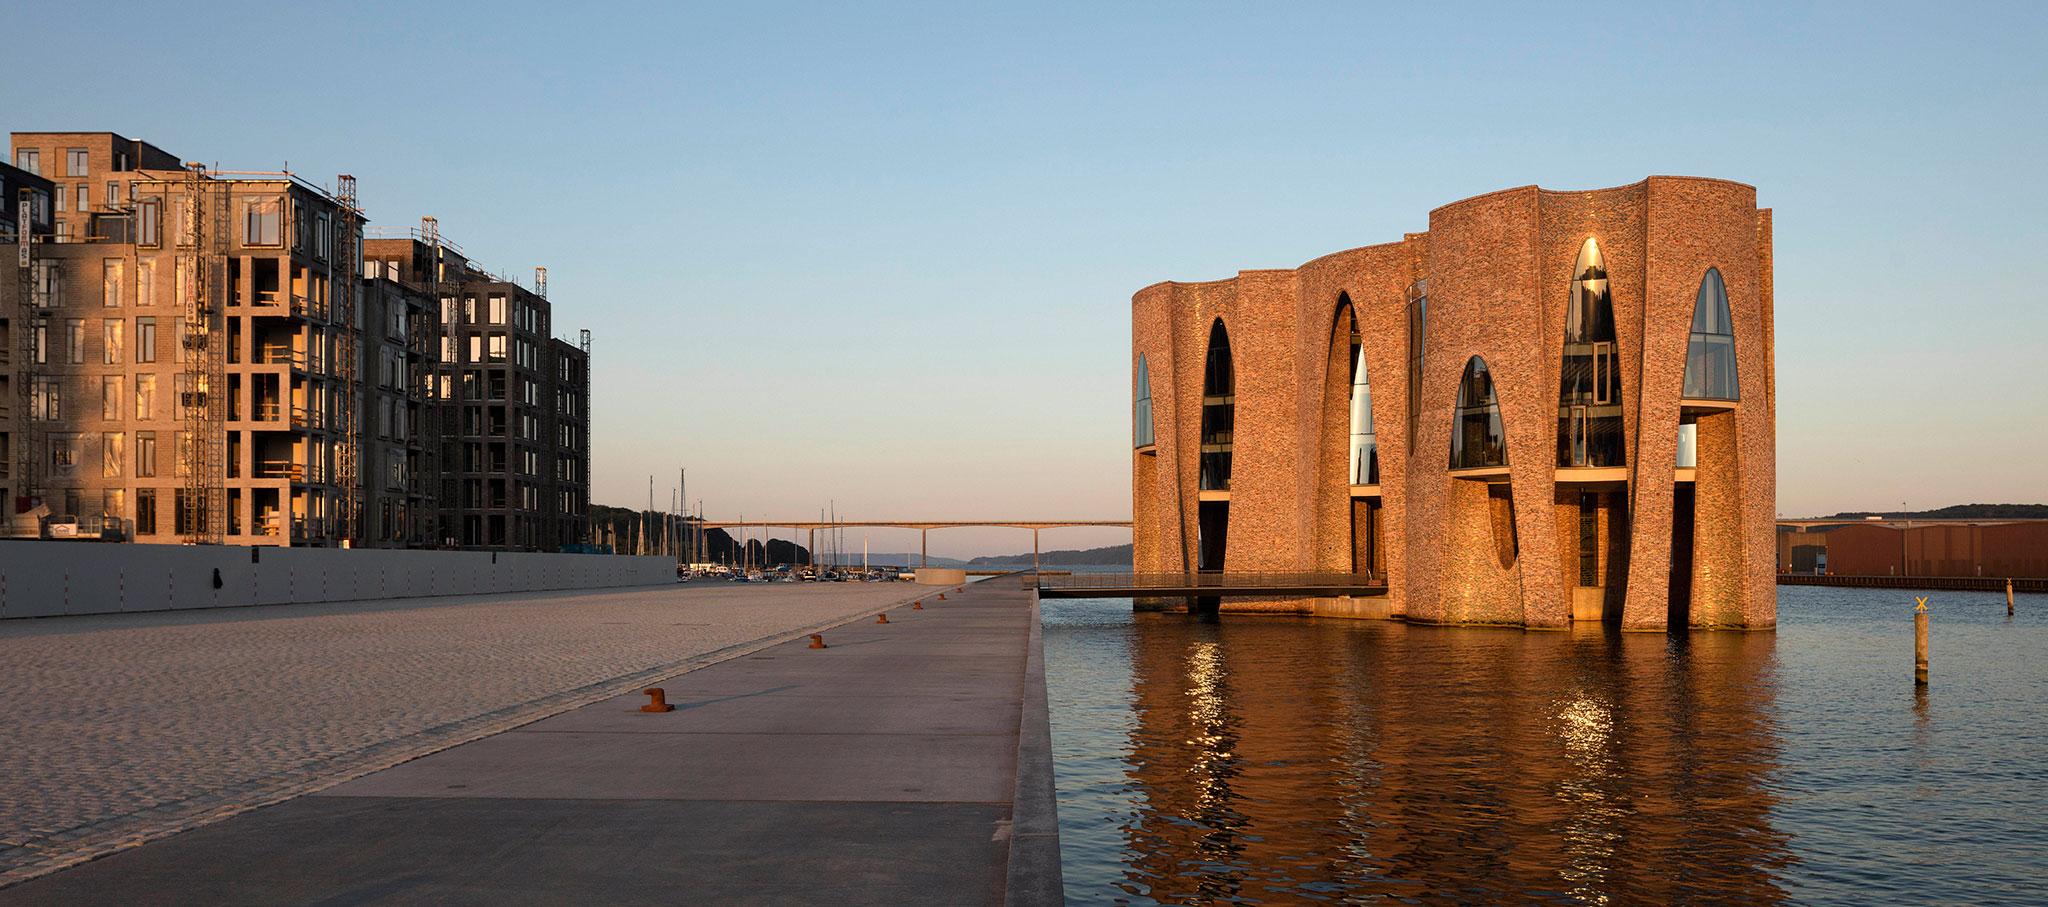 Sede de KIRK KAPITAL, por Olafur Eliasson y su estudio. Fotografía por Anders Sune Berg